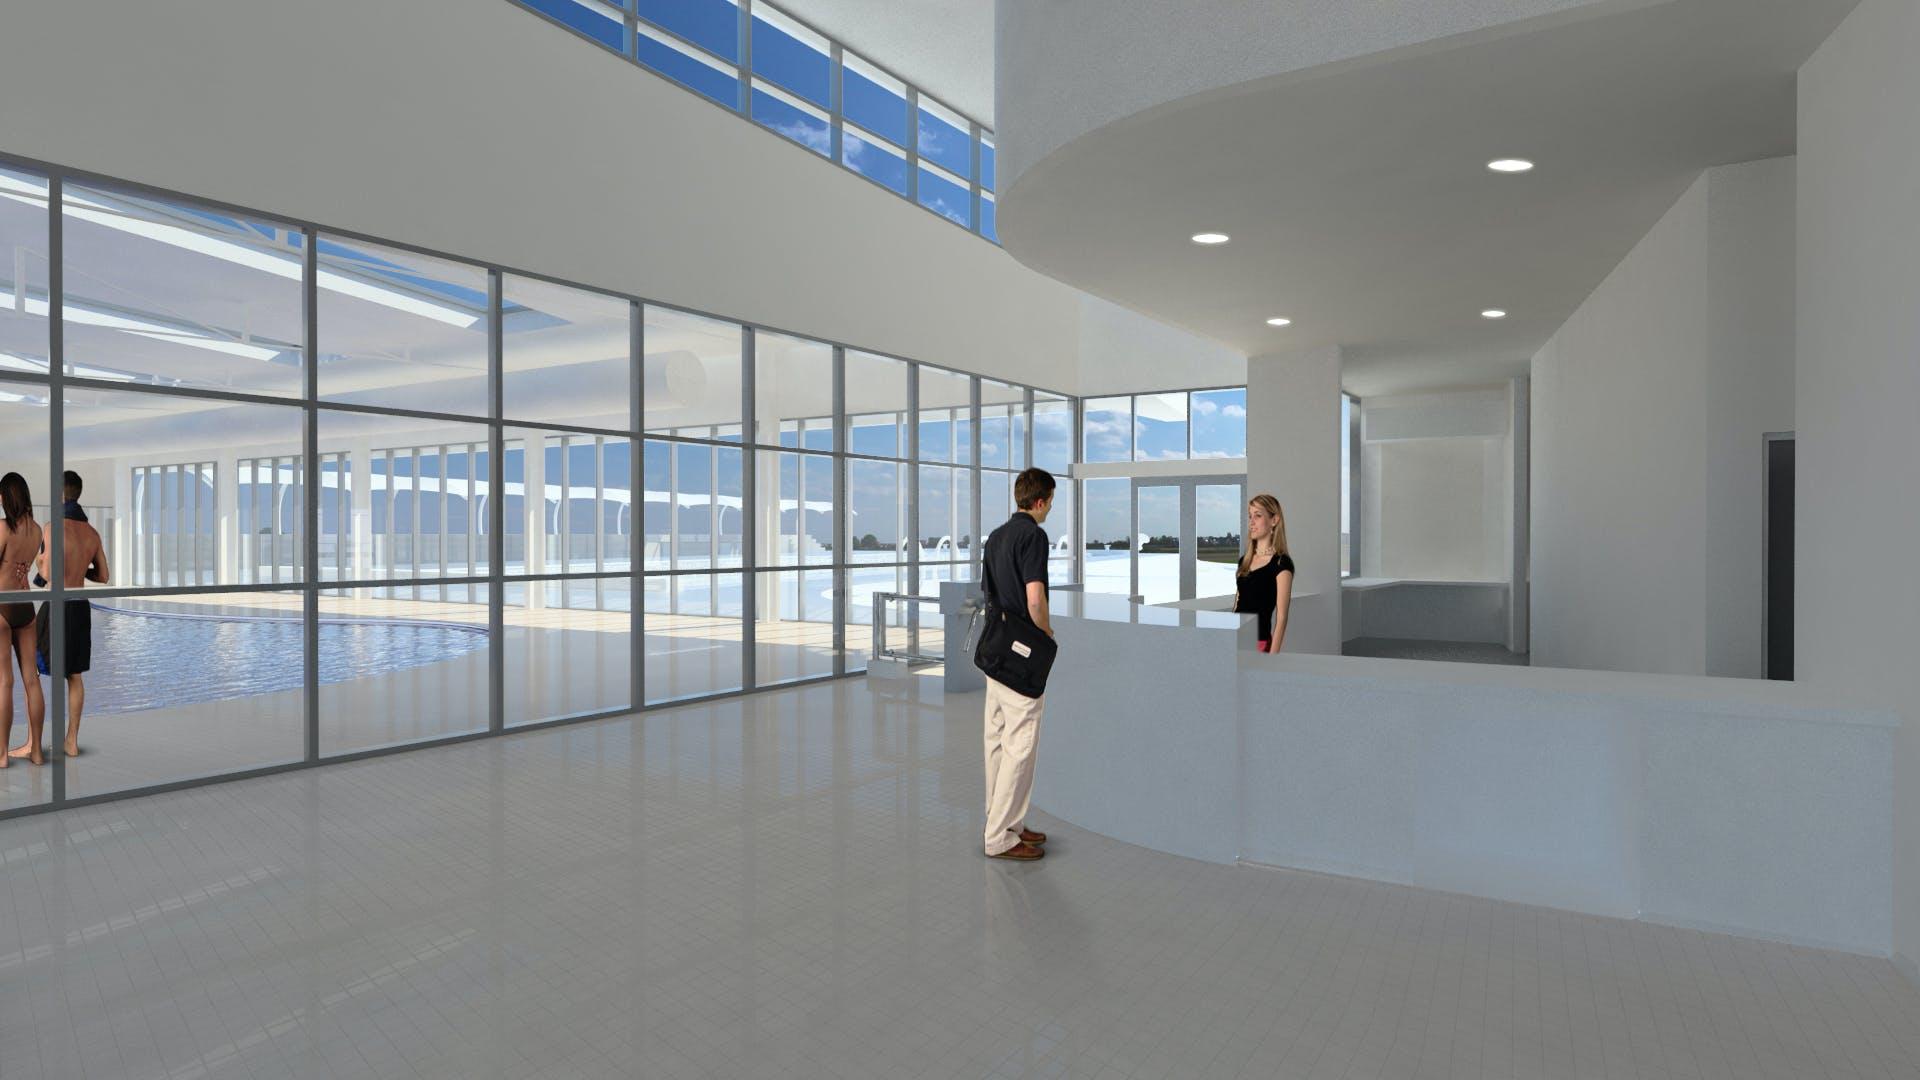 Swansea reception area